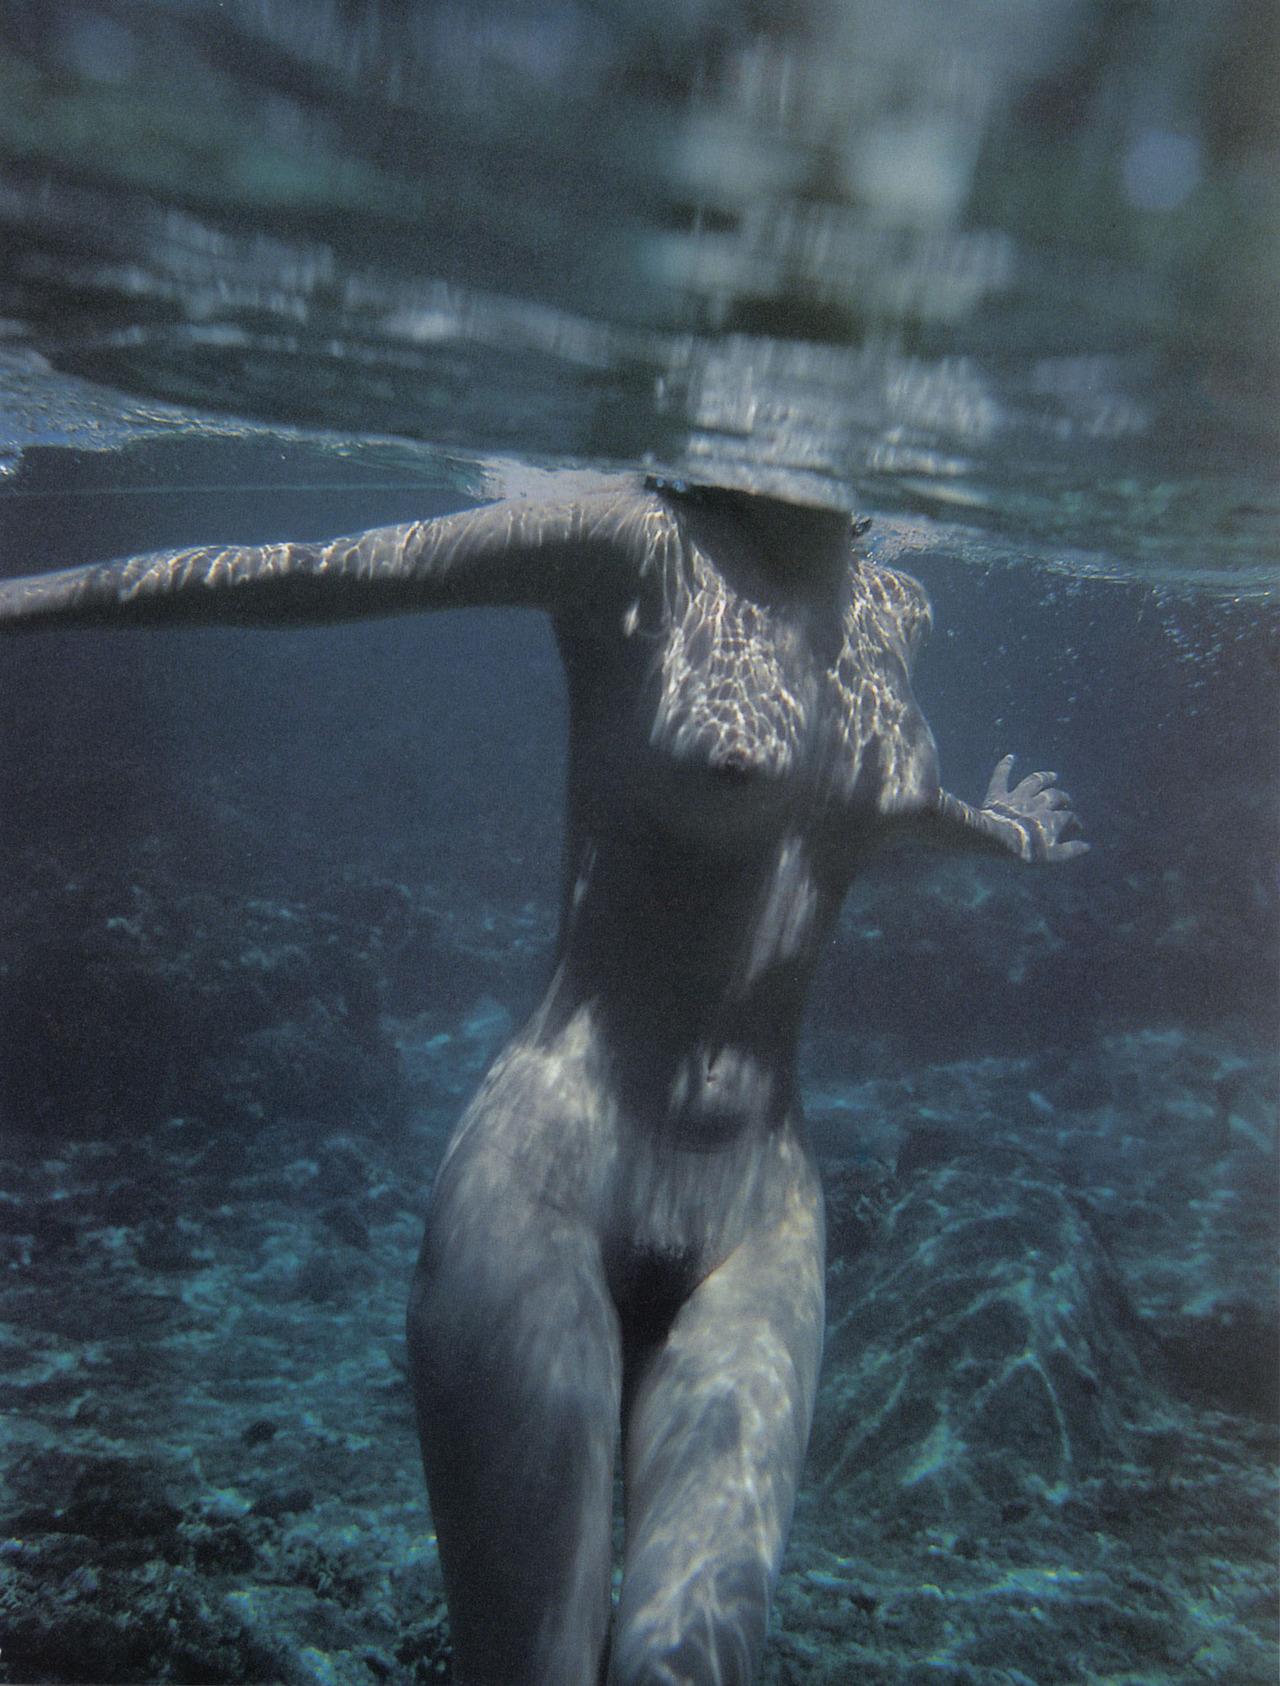 【女体エロ画像】女子が全裸で激しく躍動中…くっそエロいけどなんか馬鹿www  17